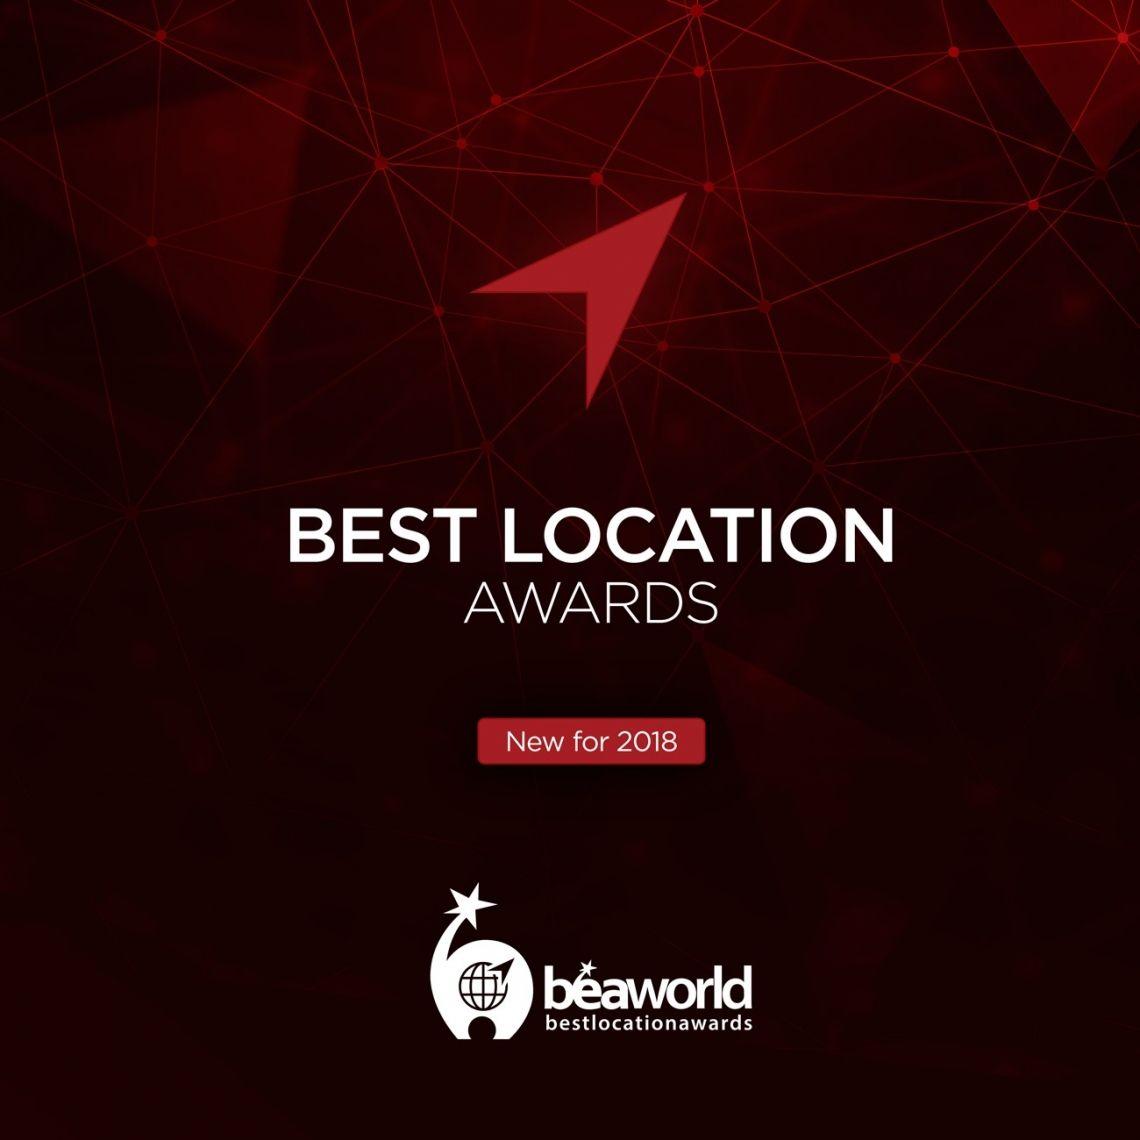 Veranstaltungsorte und Kongressbüros im Rampenlicht: Ihre Bewerbung zum Best Location Award